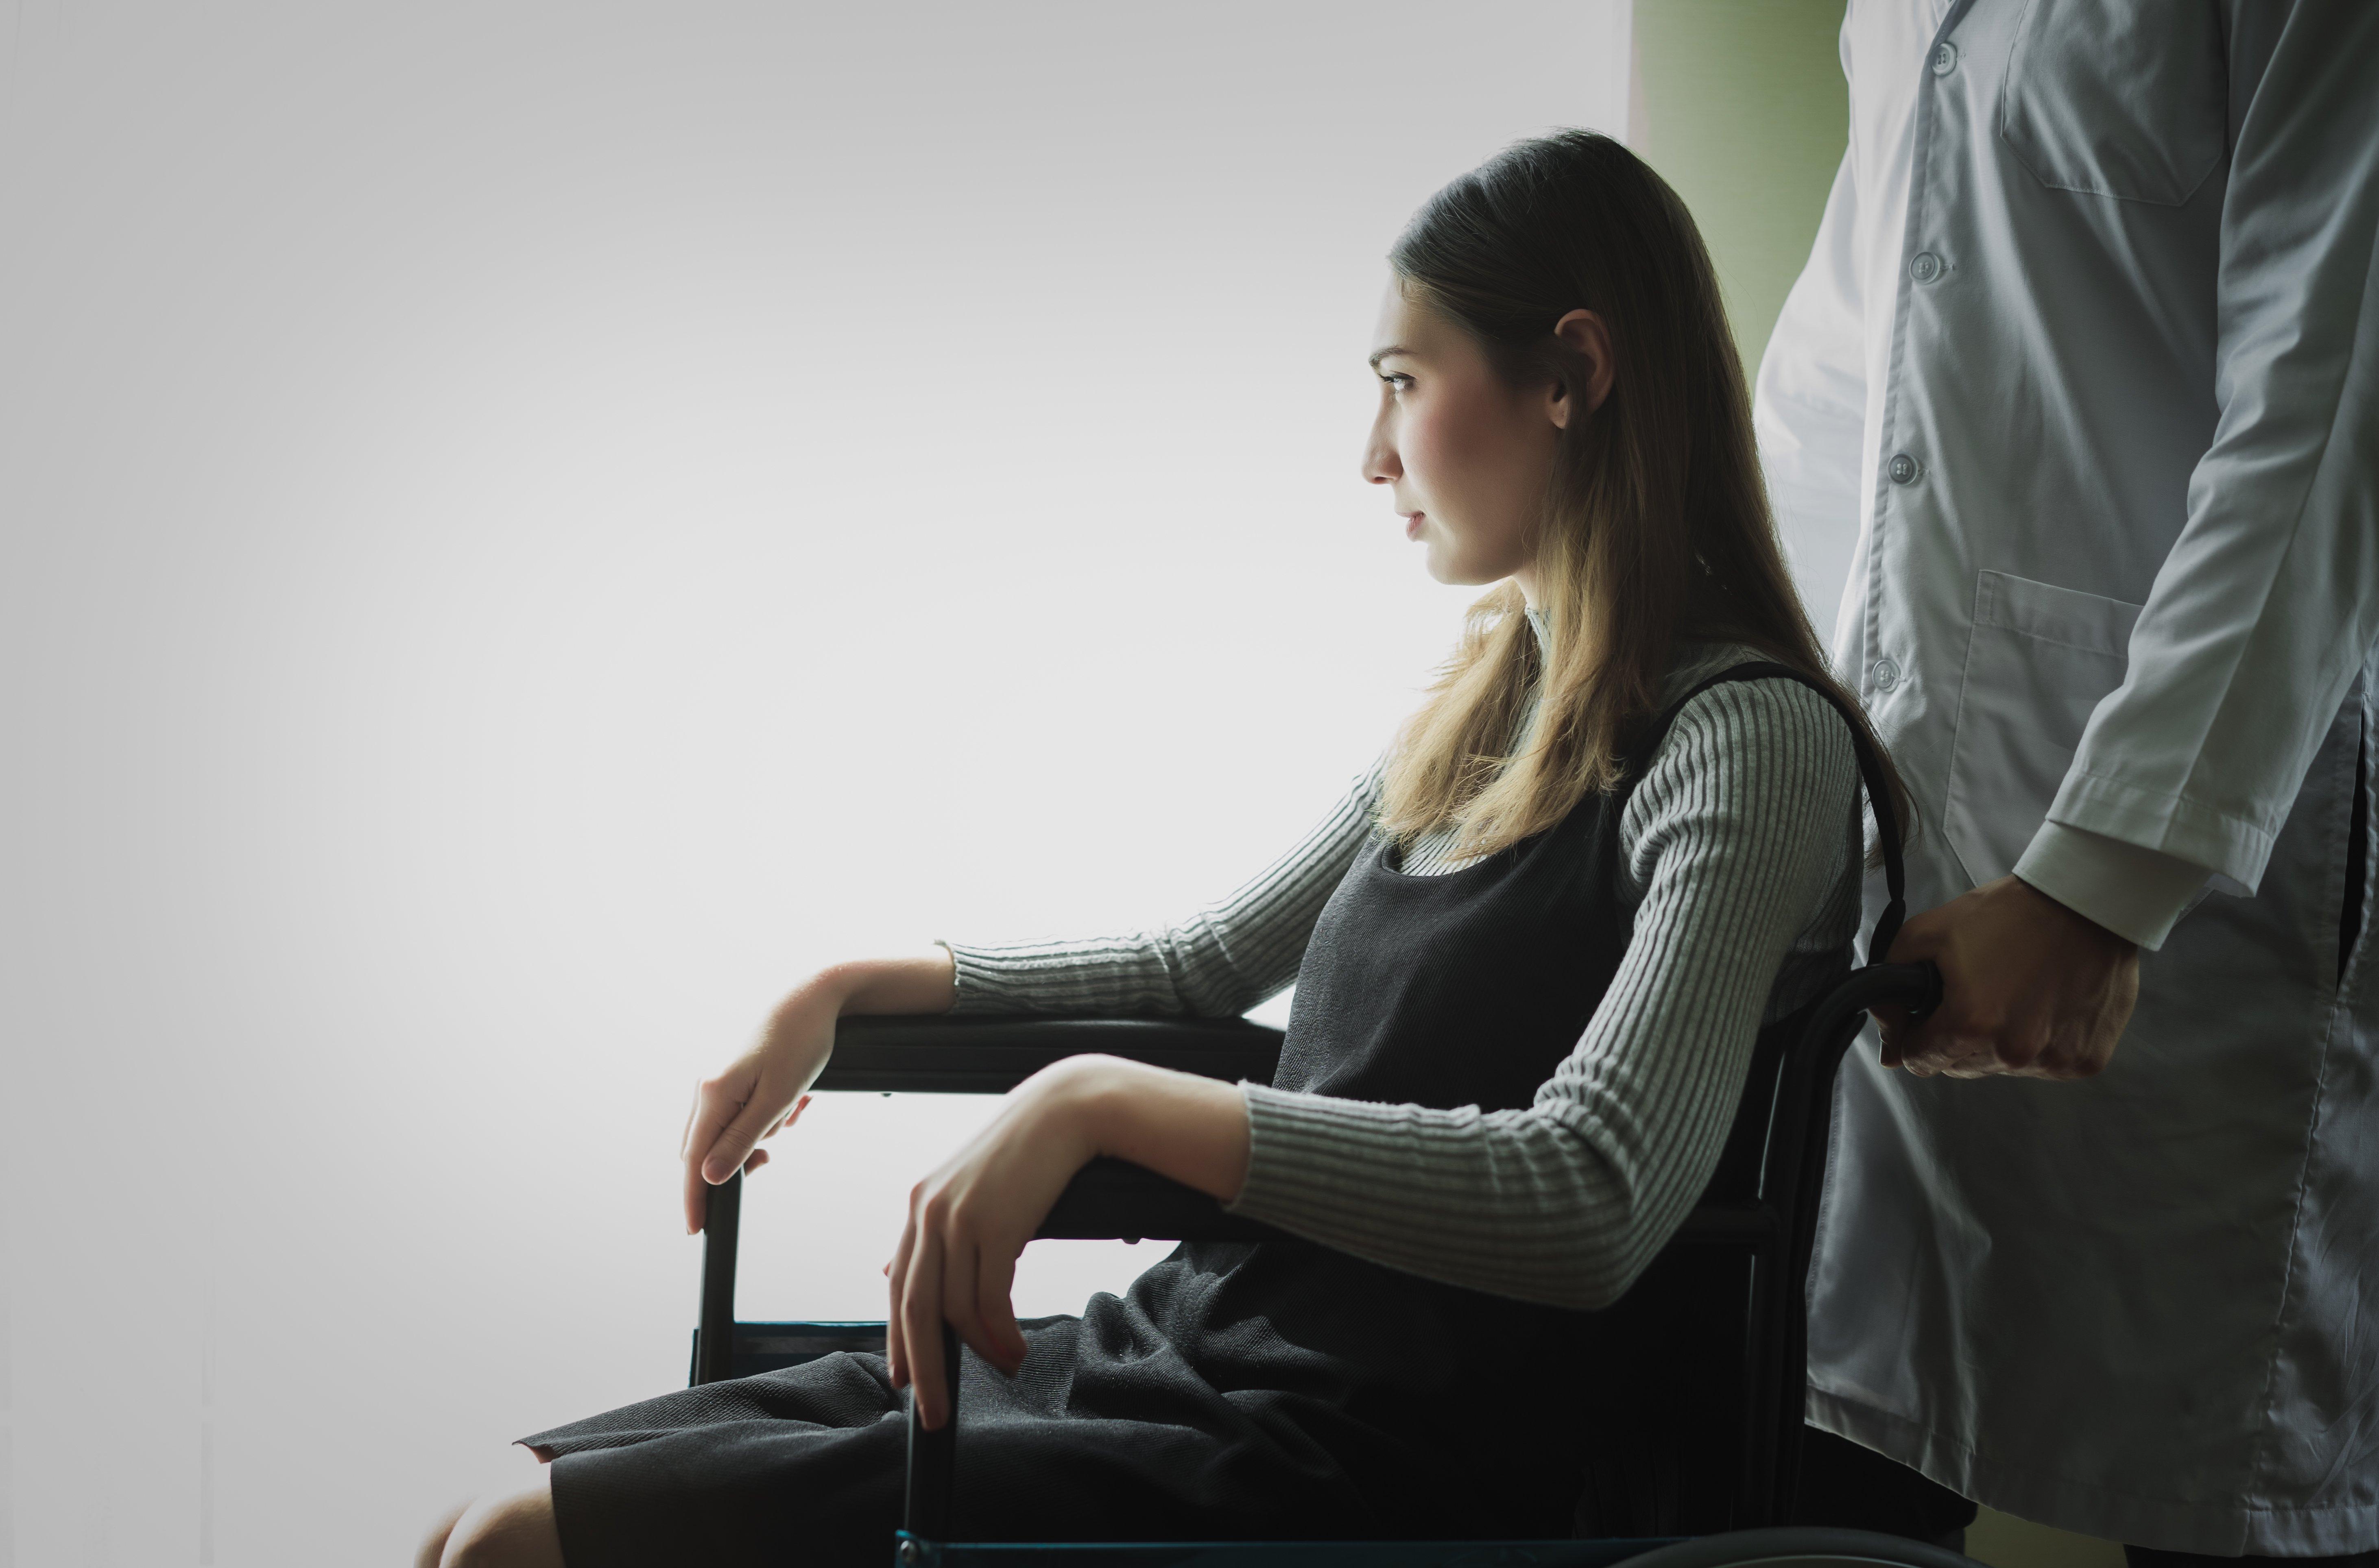 Mujer en silla de ruedas. Fuente: Shutterstock